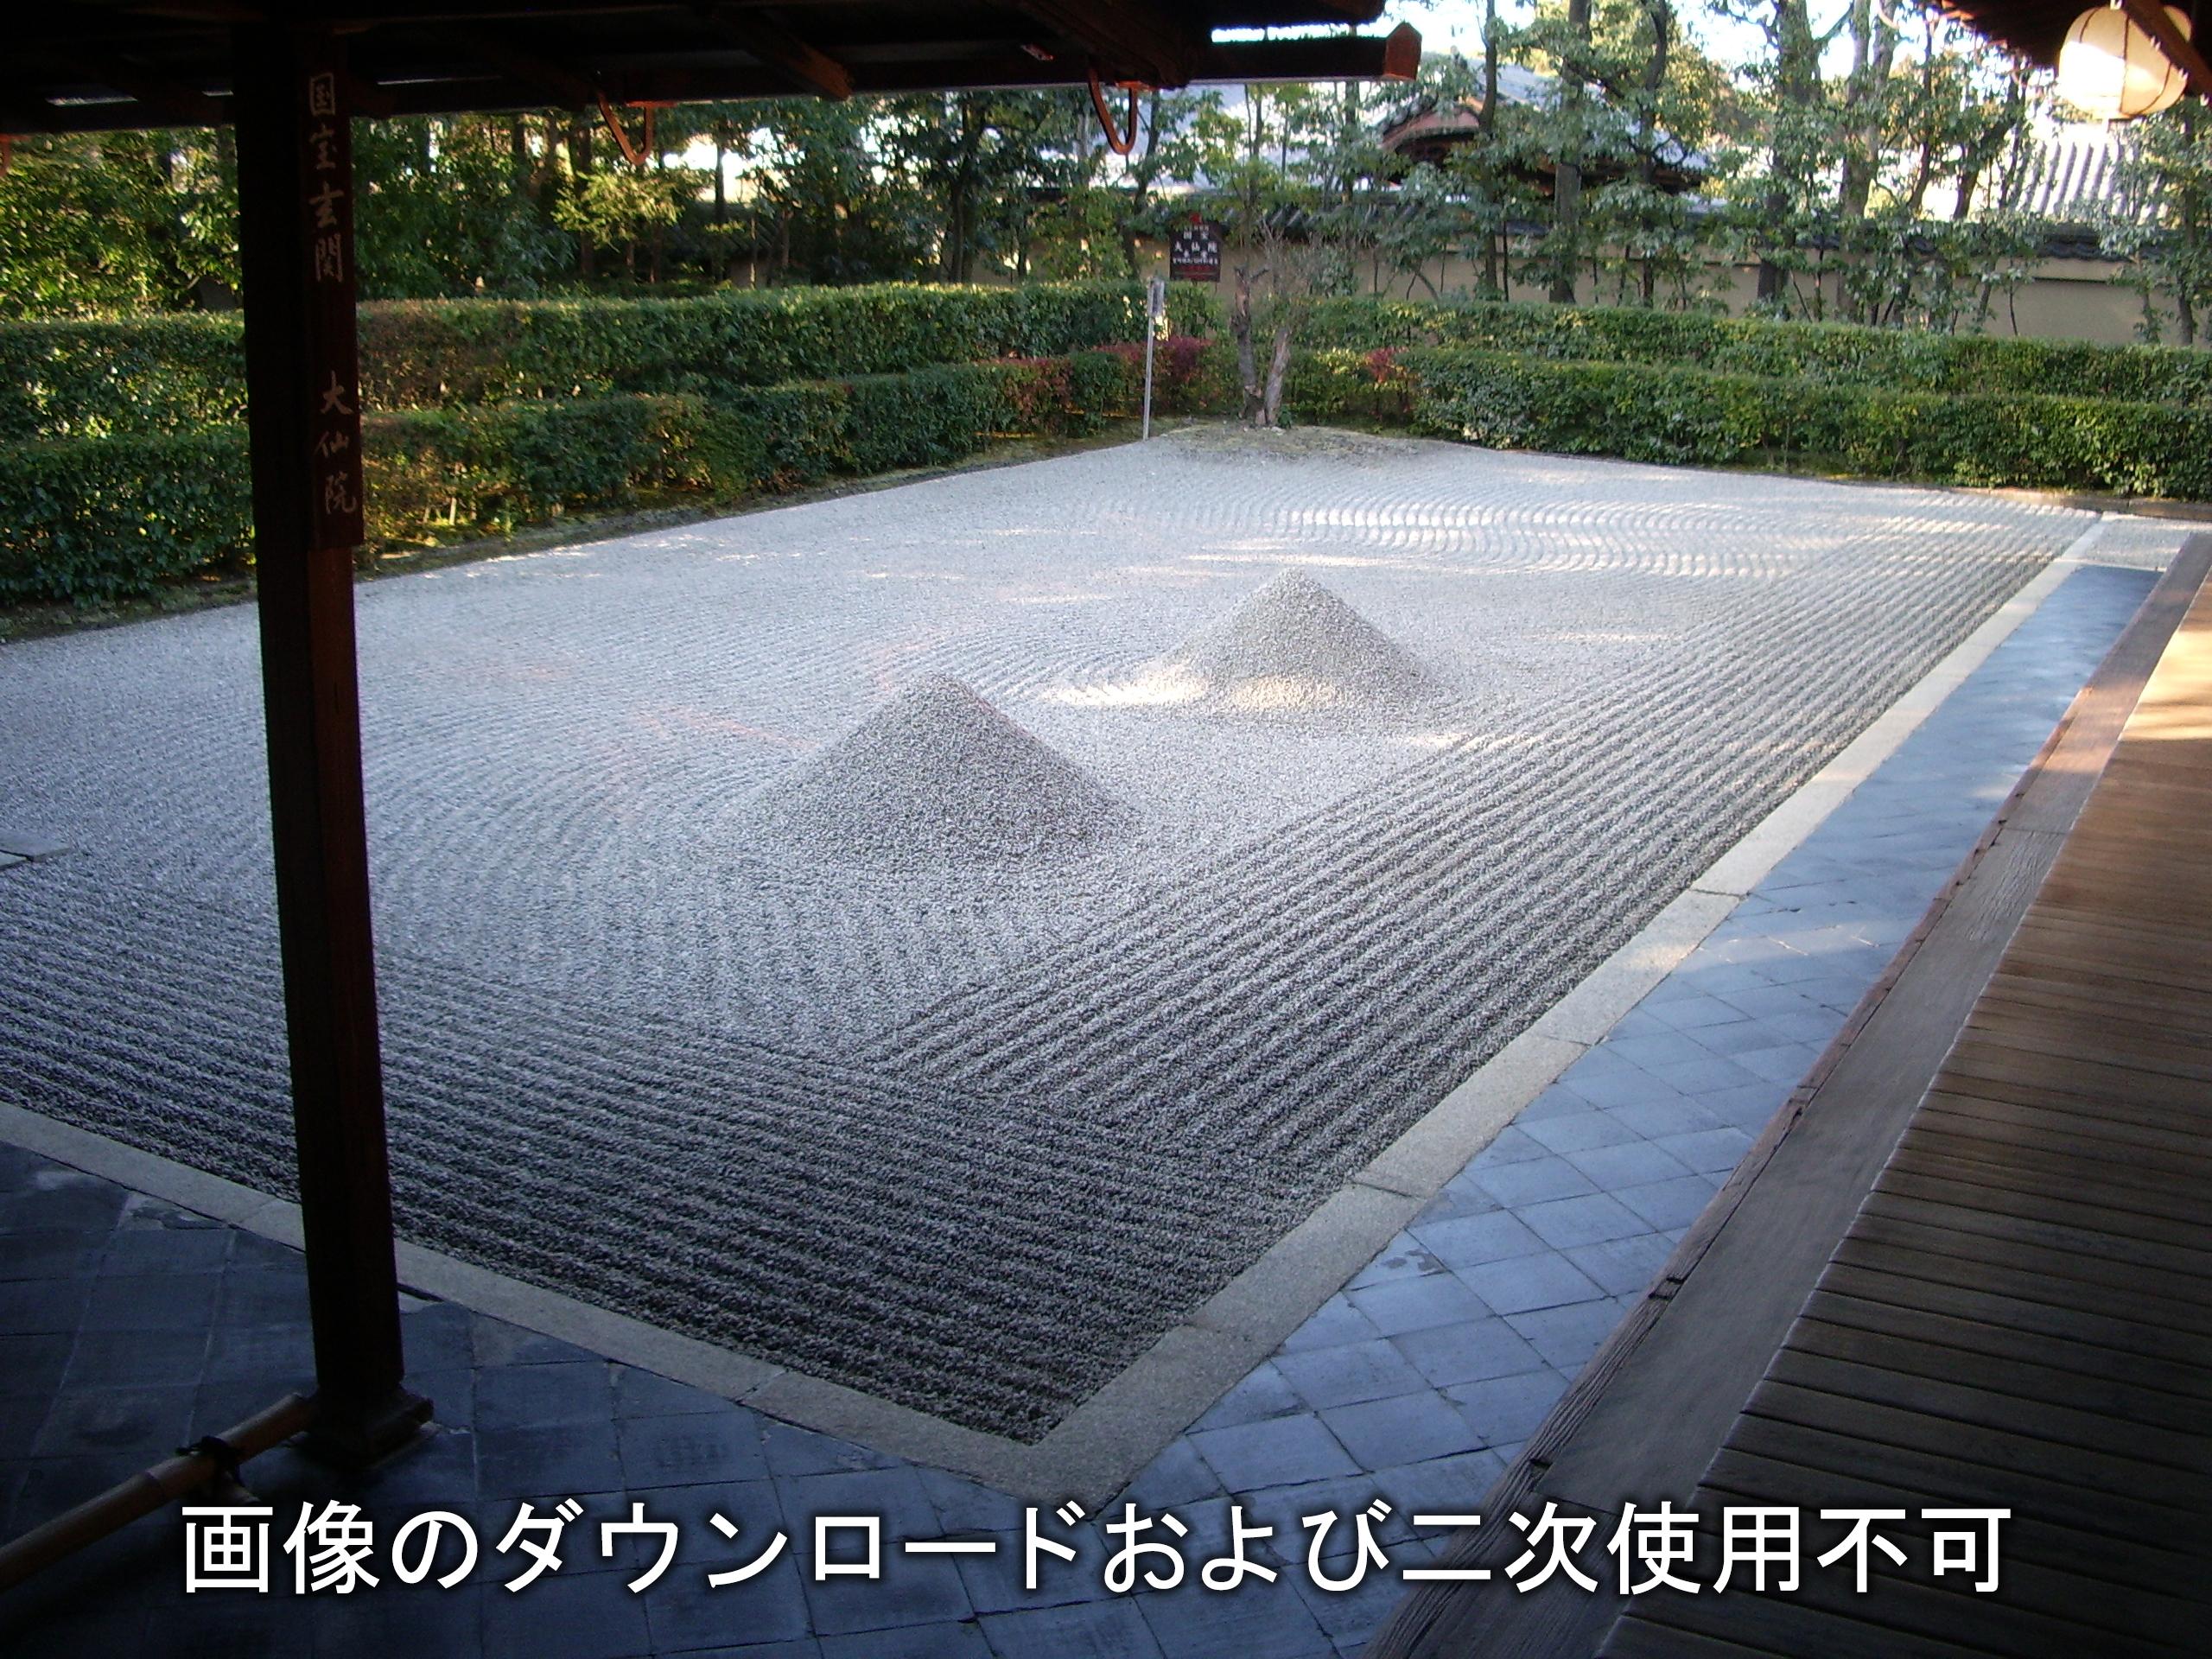 大仙院の庭園の画像